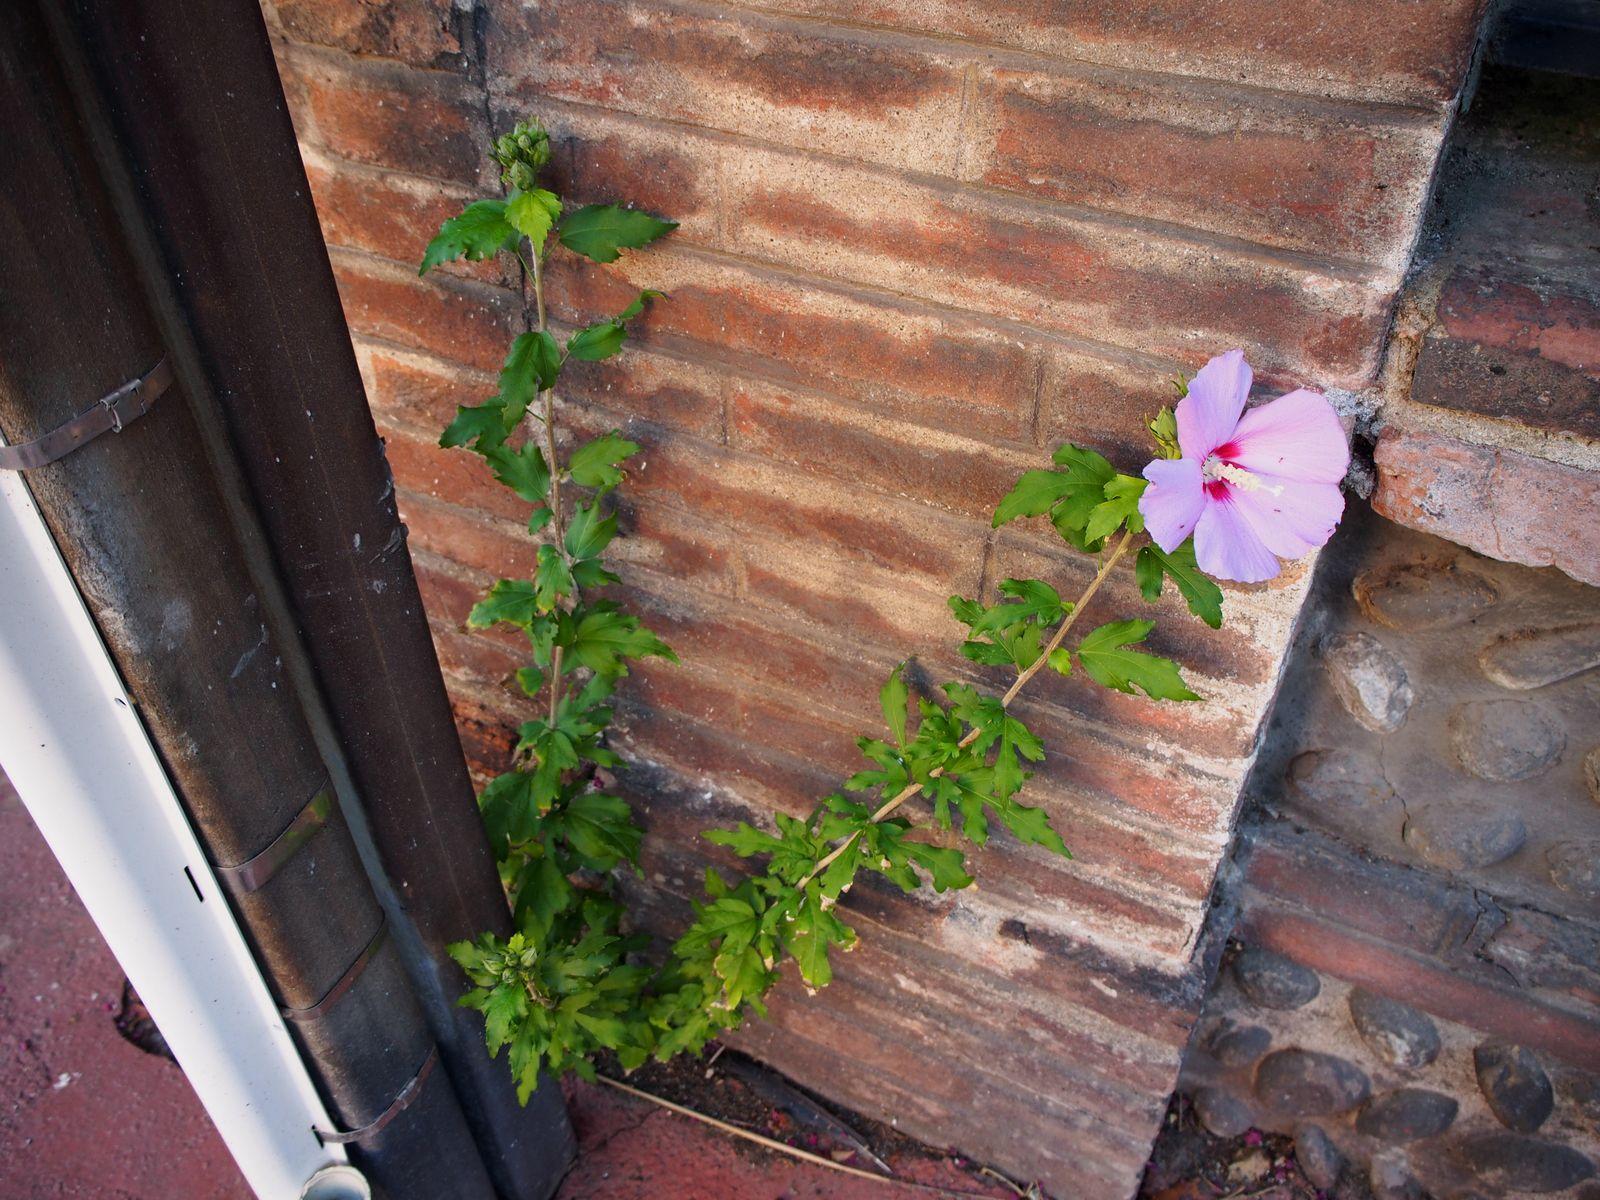 La flore sauvage du quartier du Busca